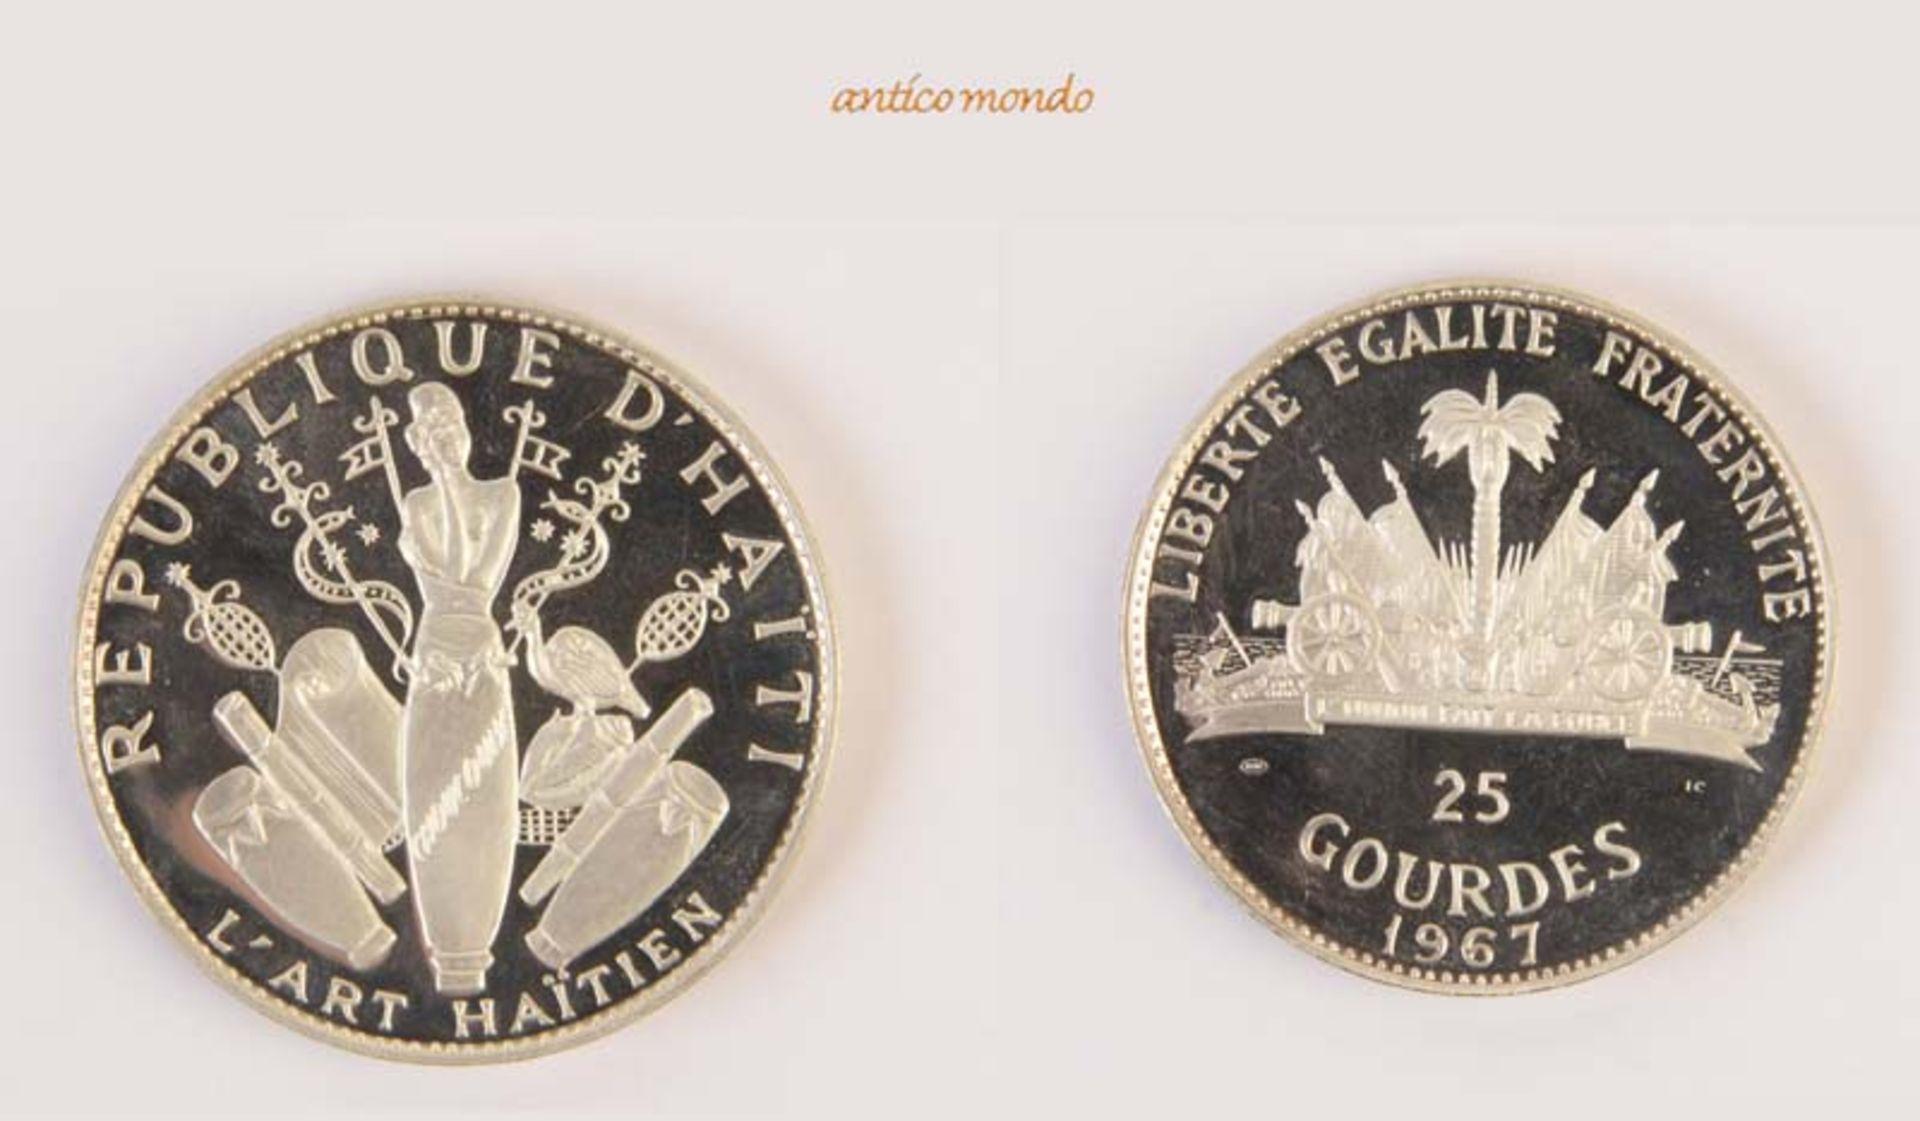 Haiti, 25 Gourdes, 1967, In Originaletui, winz. Randfehler, polierte Platte, berührt, 117,5 g- - -